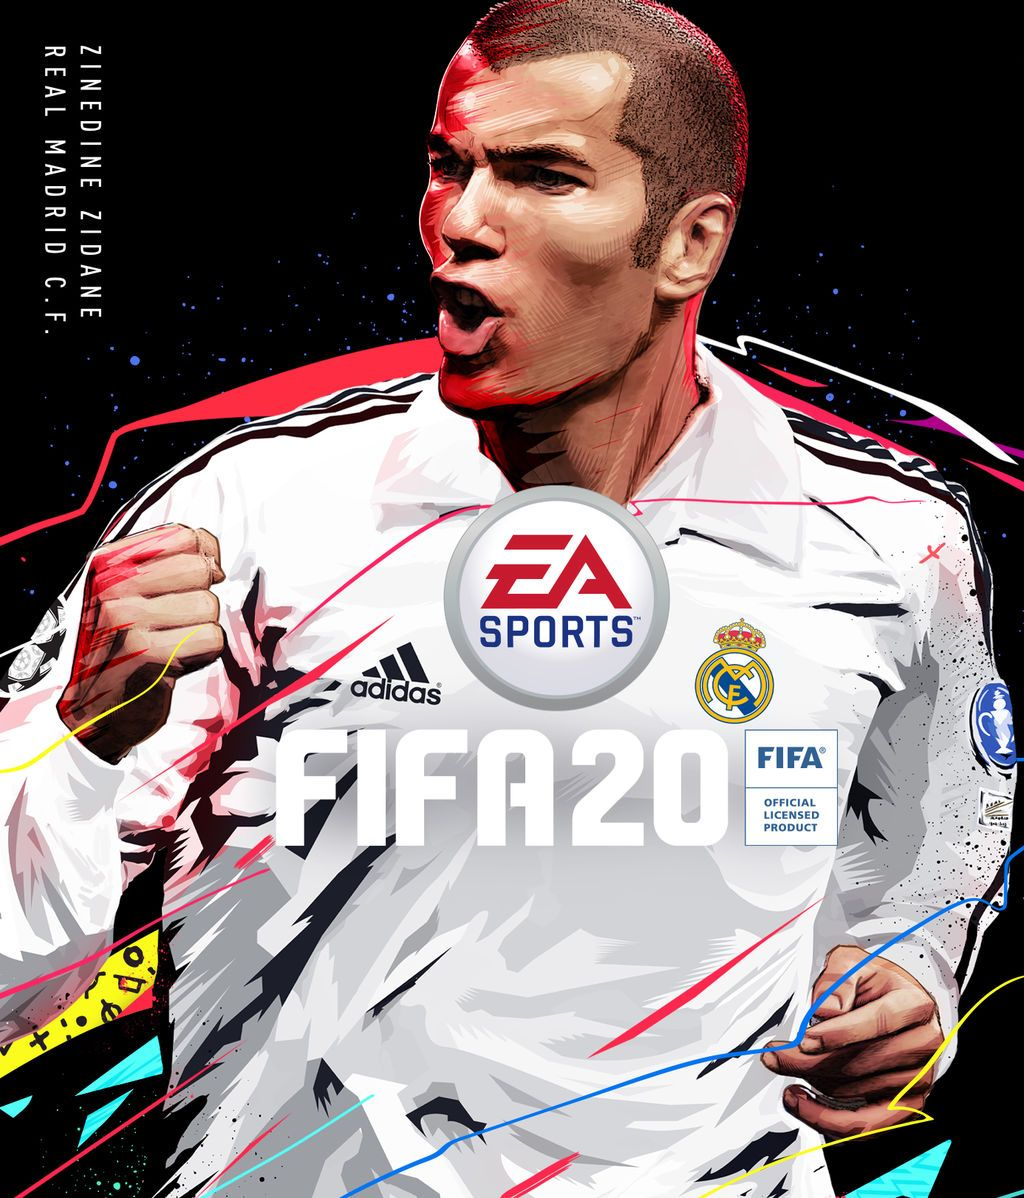 Packfront_PS4_FIFA20UE (002)